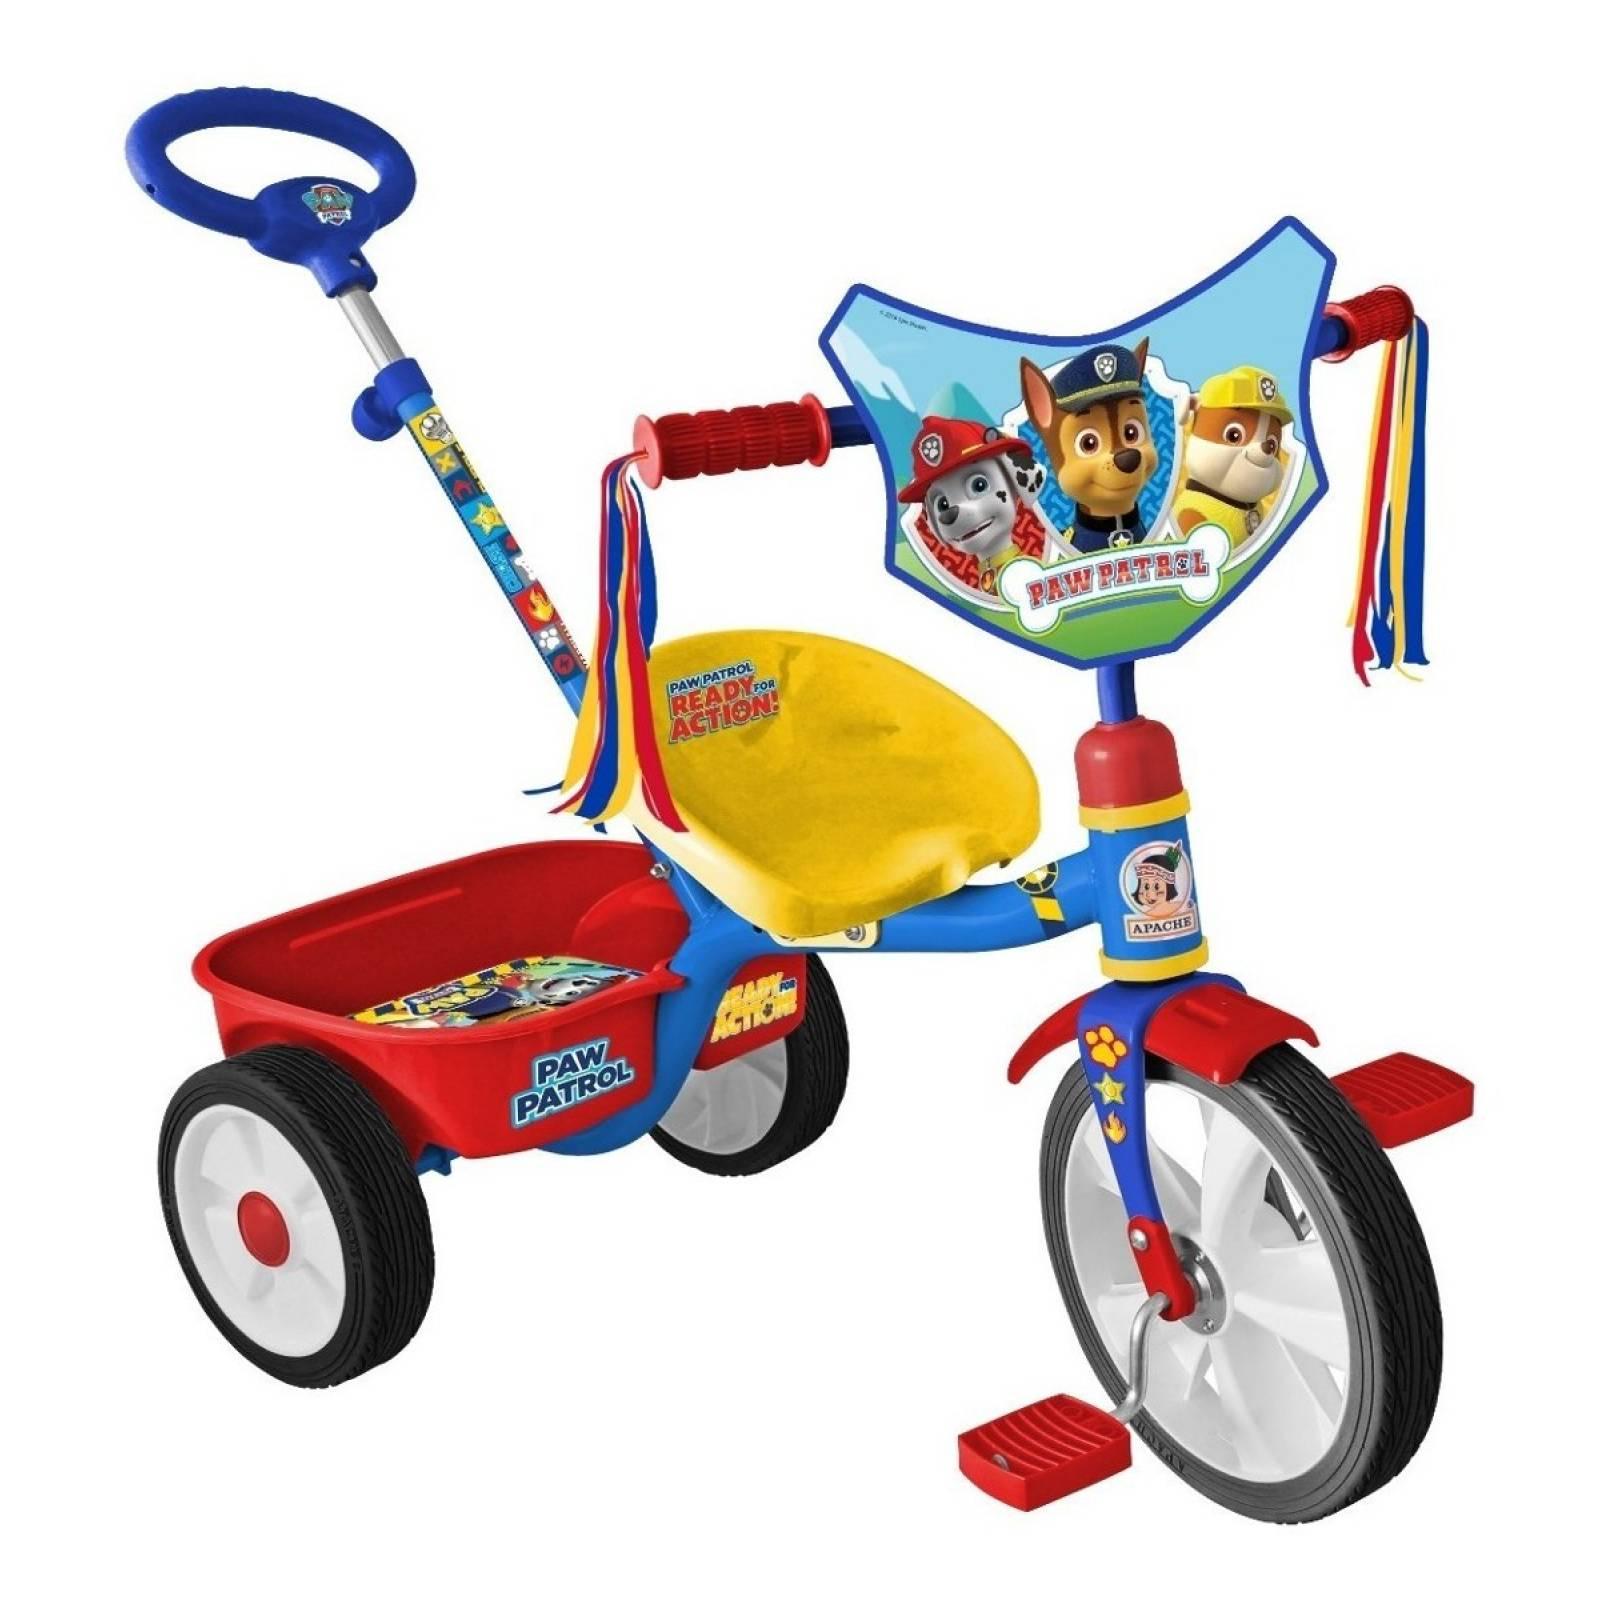 Promociones Buen Fin en Bicicletas para niños y niñas, triciclos y más